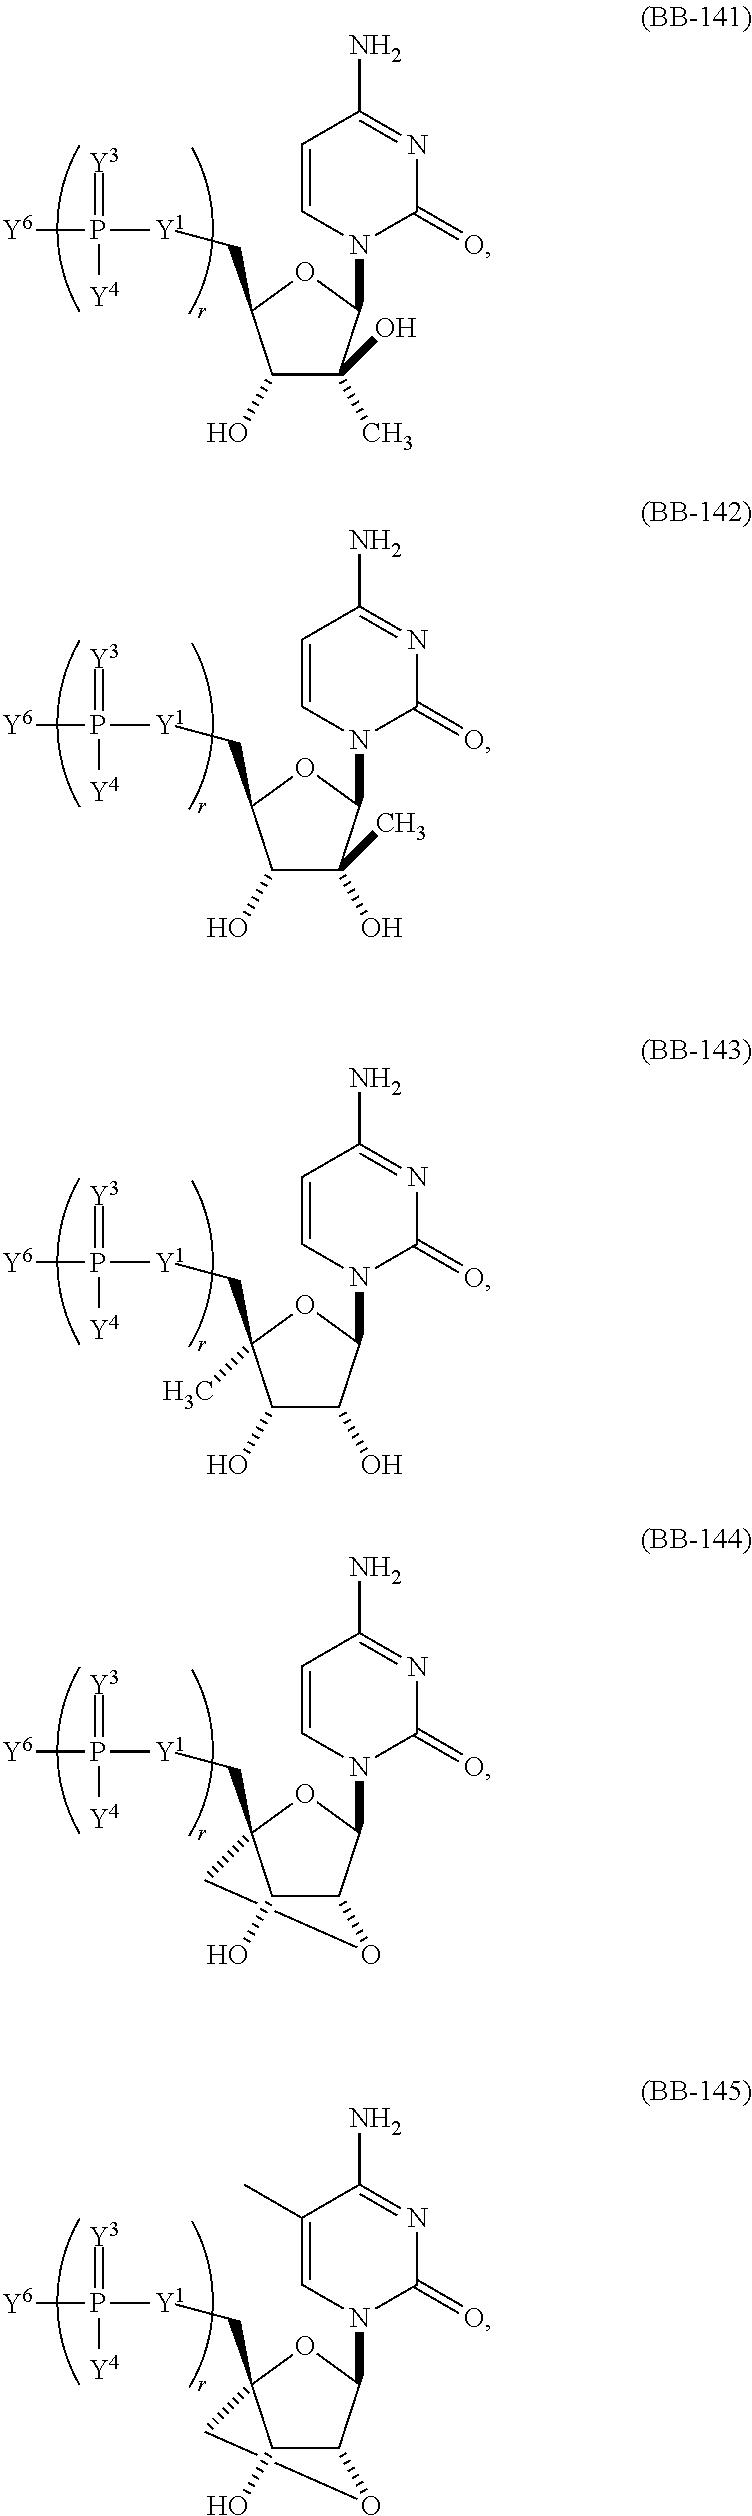 Figure US20150064235A1-20150305-C00060